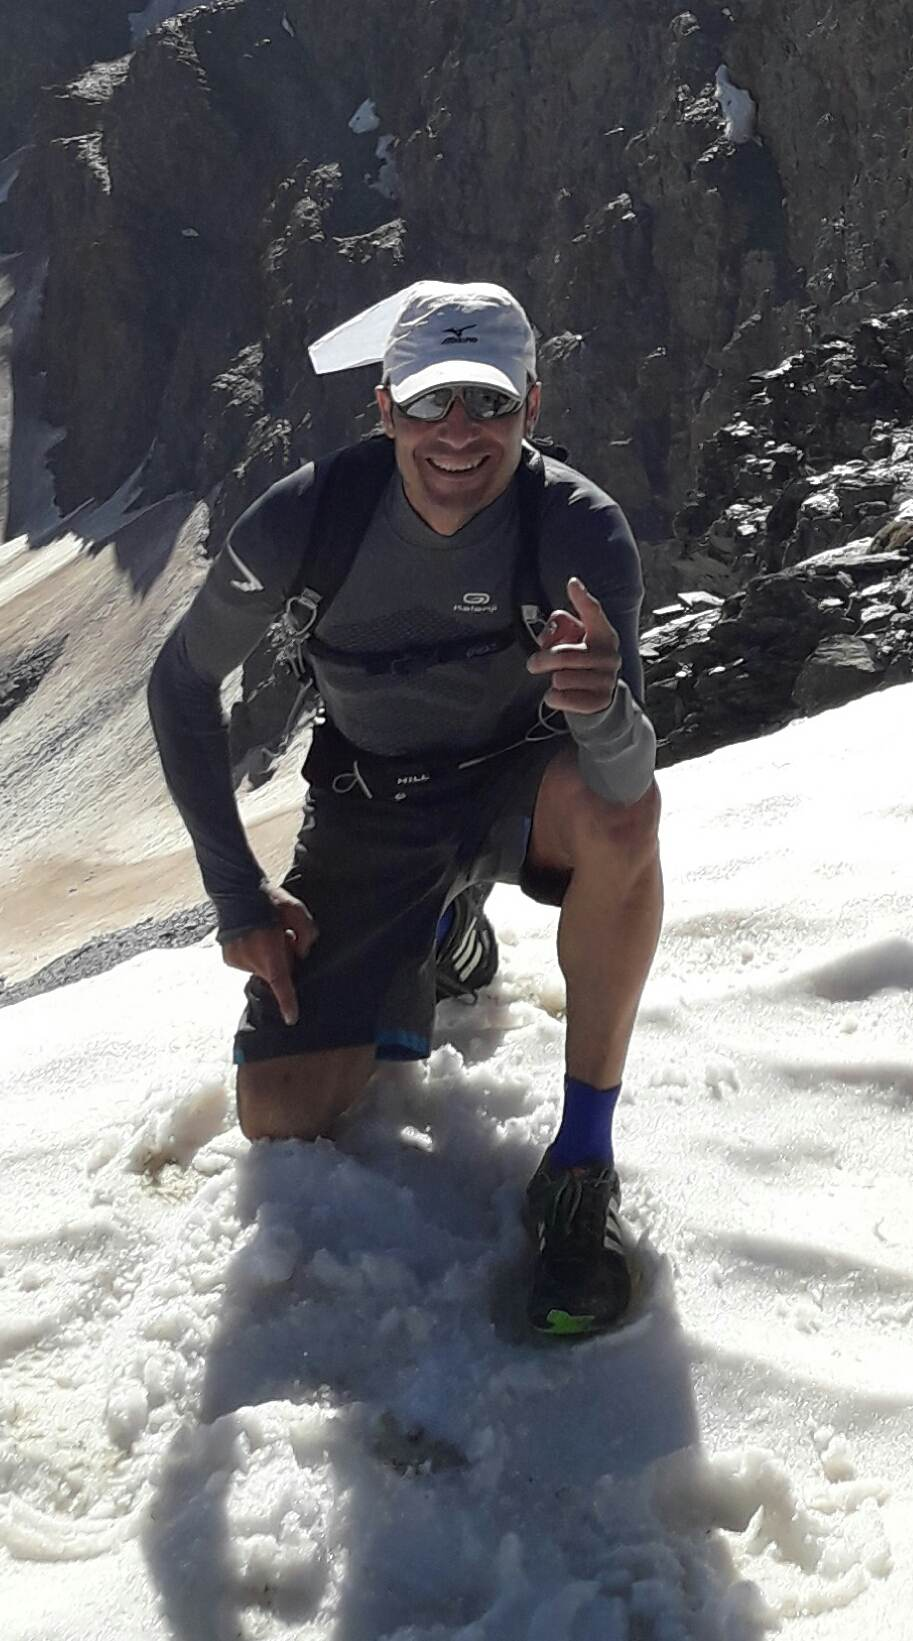 El ibense José Mª Ponce prepara un ascenso solidario al monte Toubkal